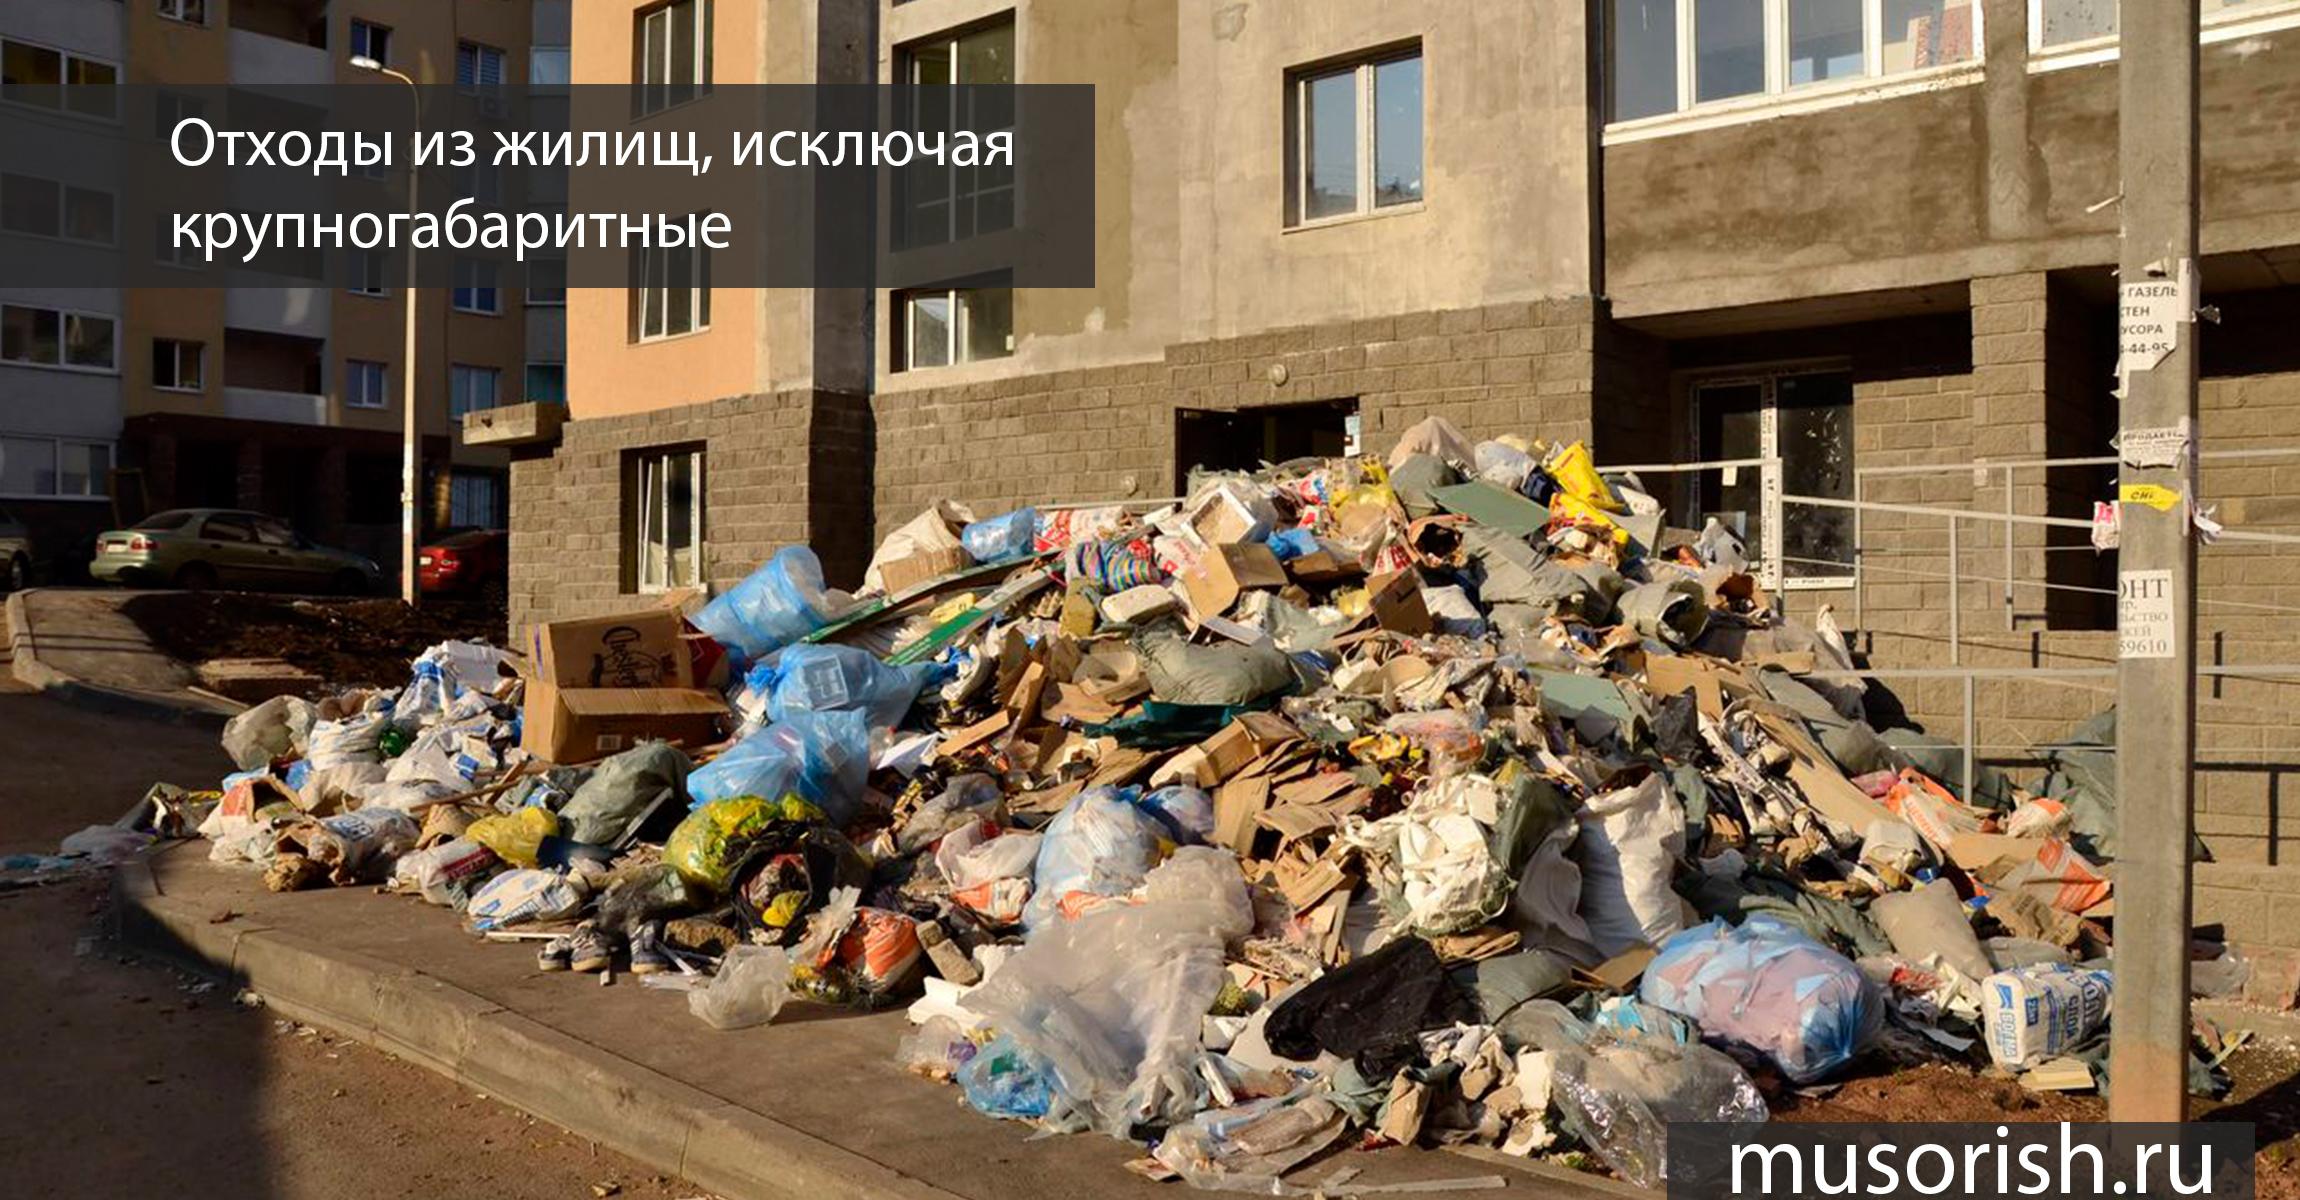 отходы из жилищ